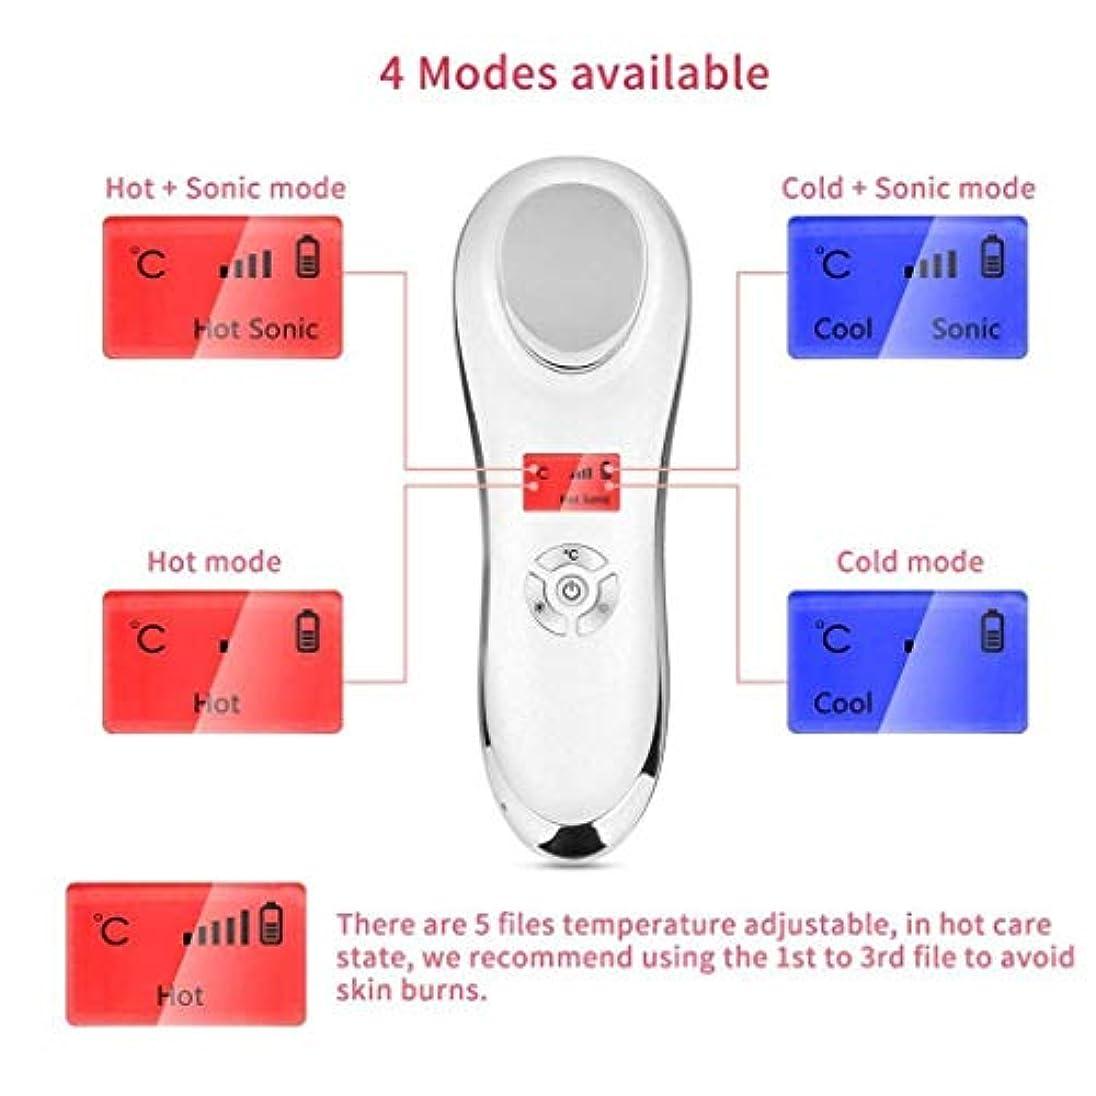 コンテンポラリーファックス現代のフェイシャルマッサージ - 電動ハンドヘルド美容機器、6-in-one美容ツール、引き締め/保湿/美白/吸収/リラックス/マッサージ、顔に最適、目、首 - ユニセックス